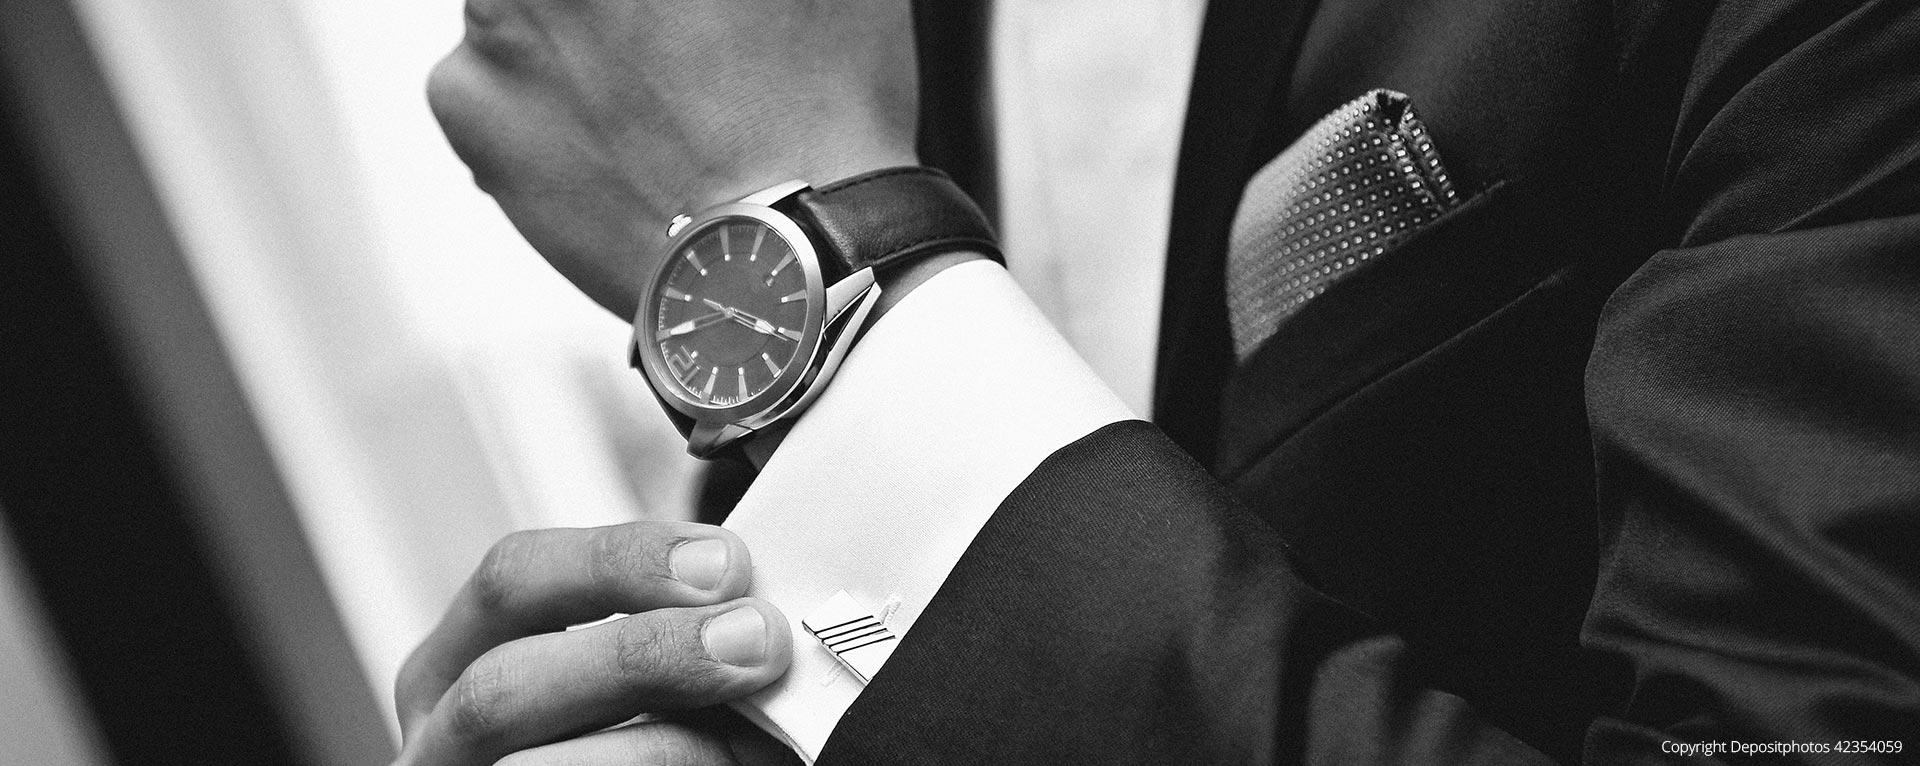 Herren-Armbanduhren